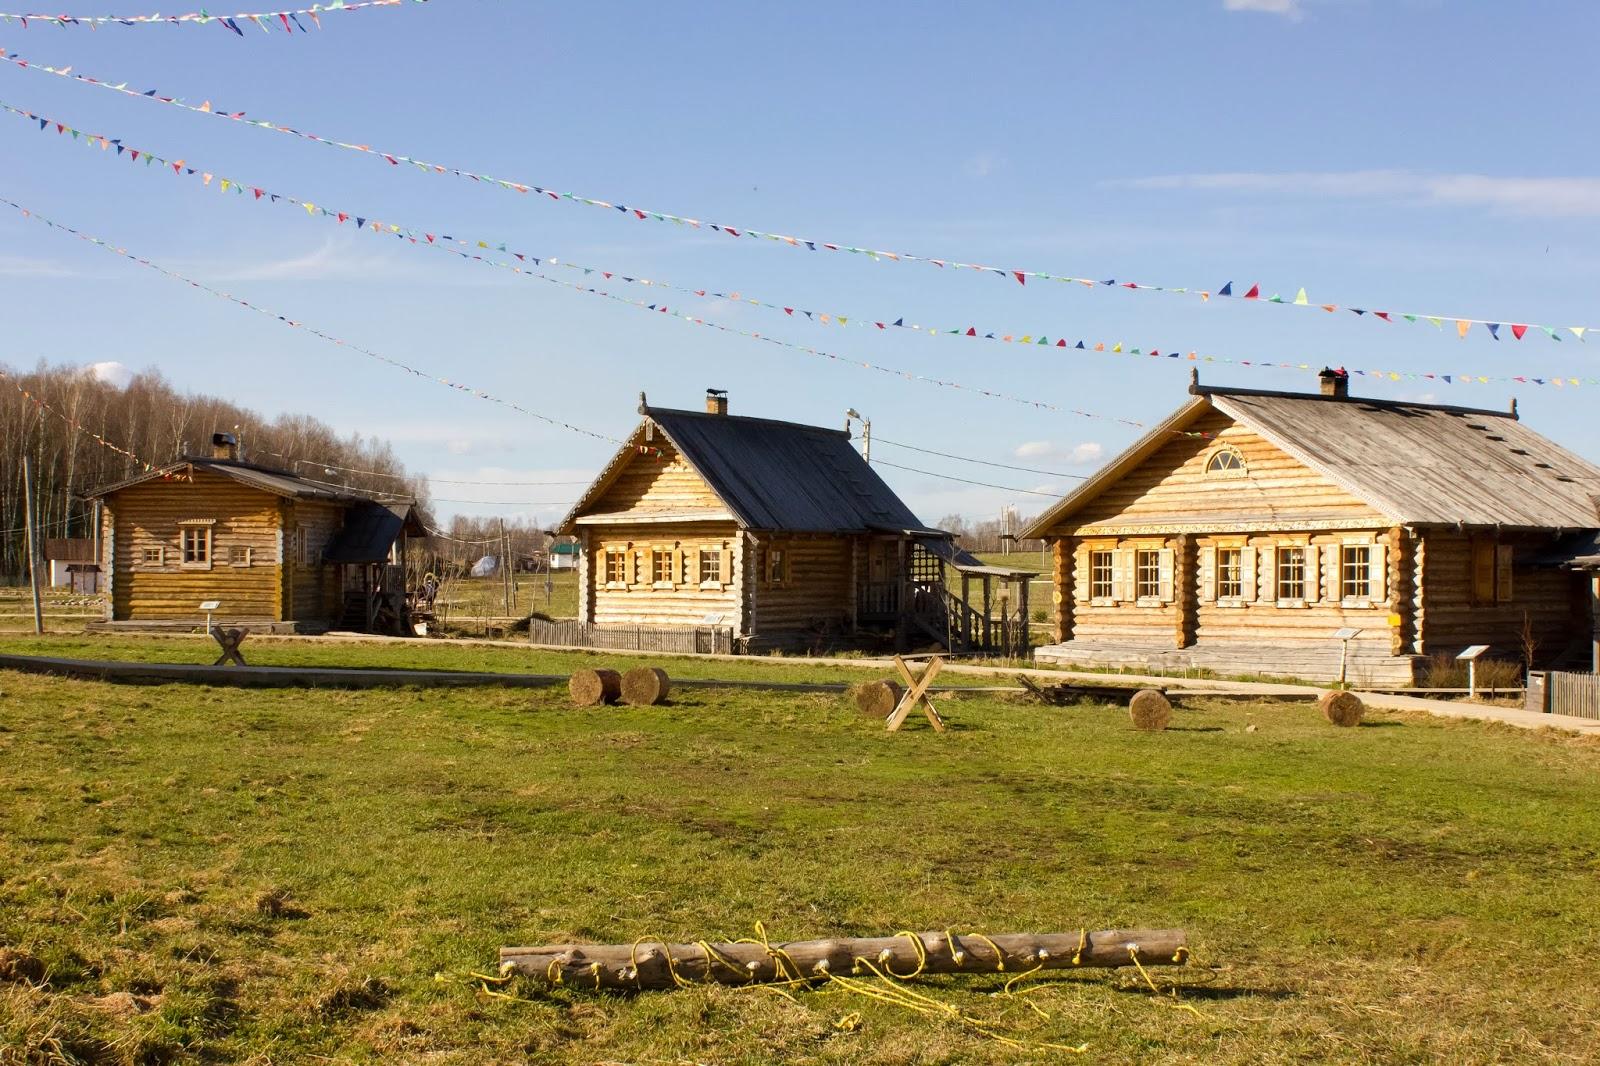 Калуга, Калужская область, Этномир, Деревянные дома